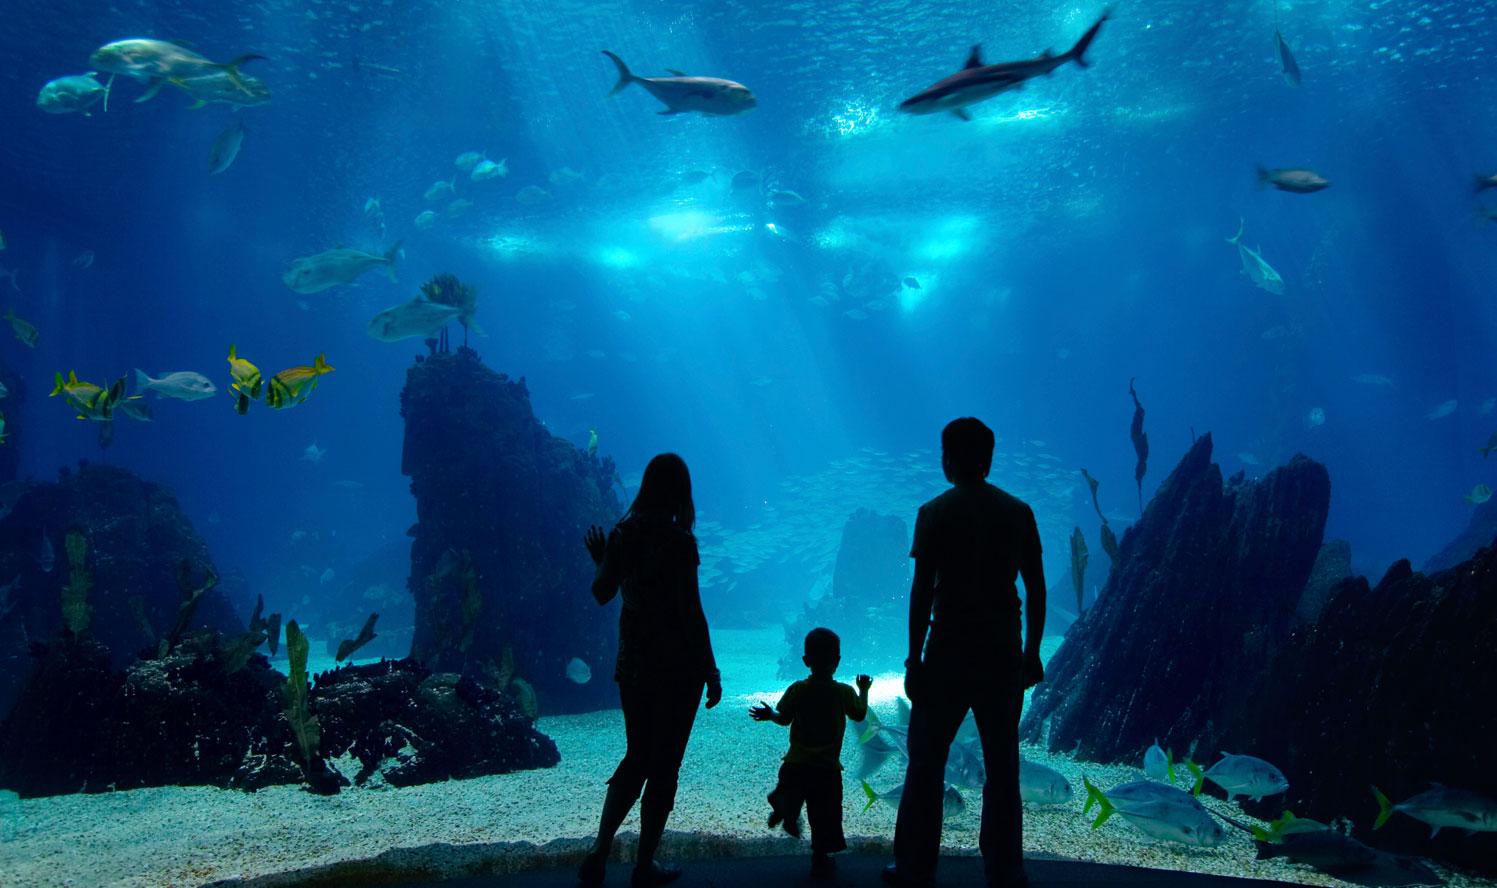 Audubon Aquarium In New Orleans Ocean Wildlife Exhibits